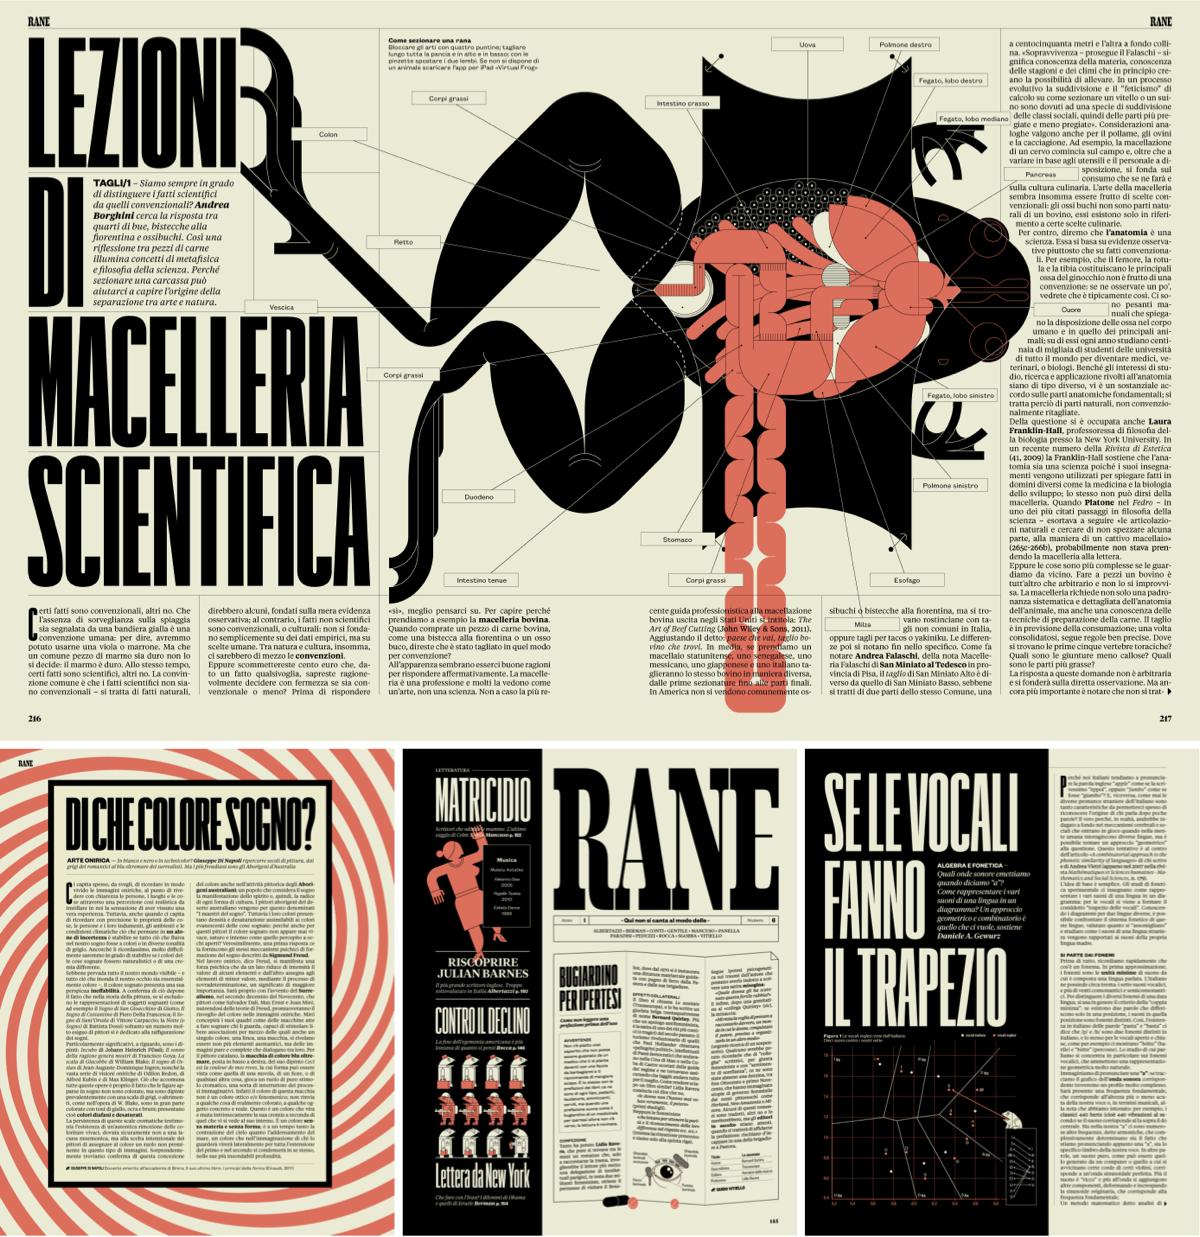 Francesco Franchi's work for Intelligent Lifestyle Magazine